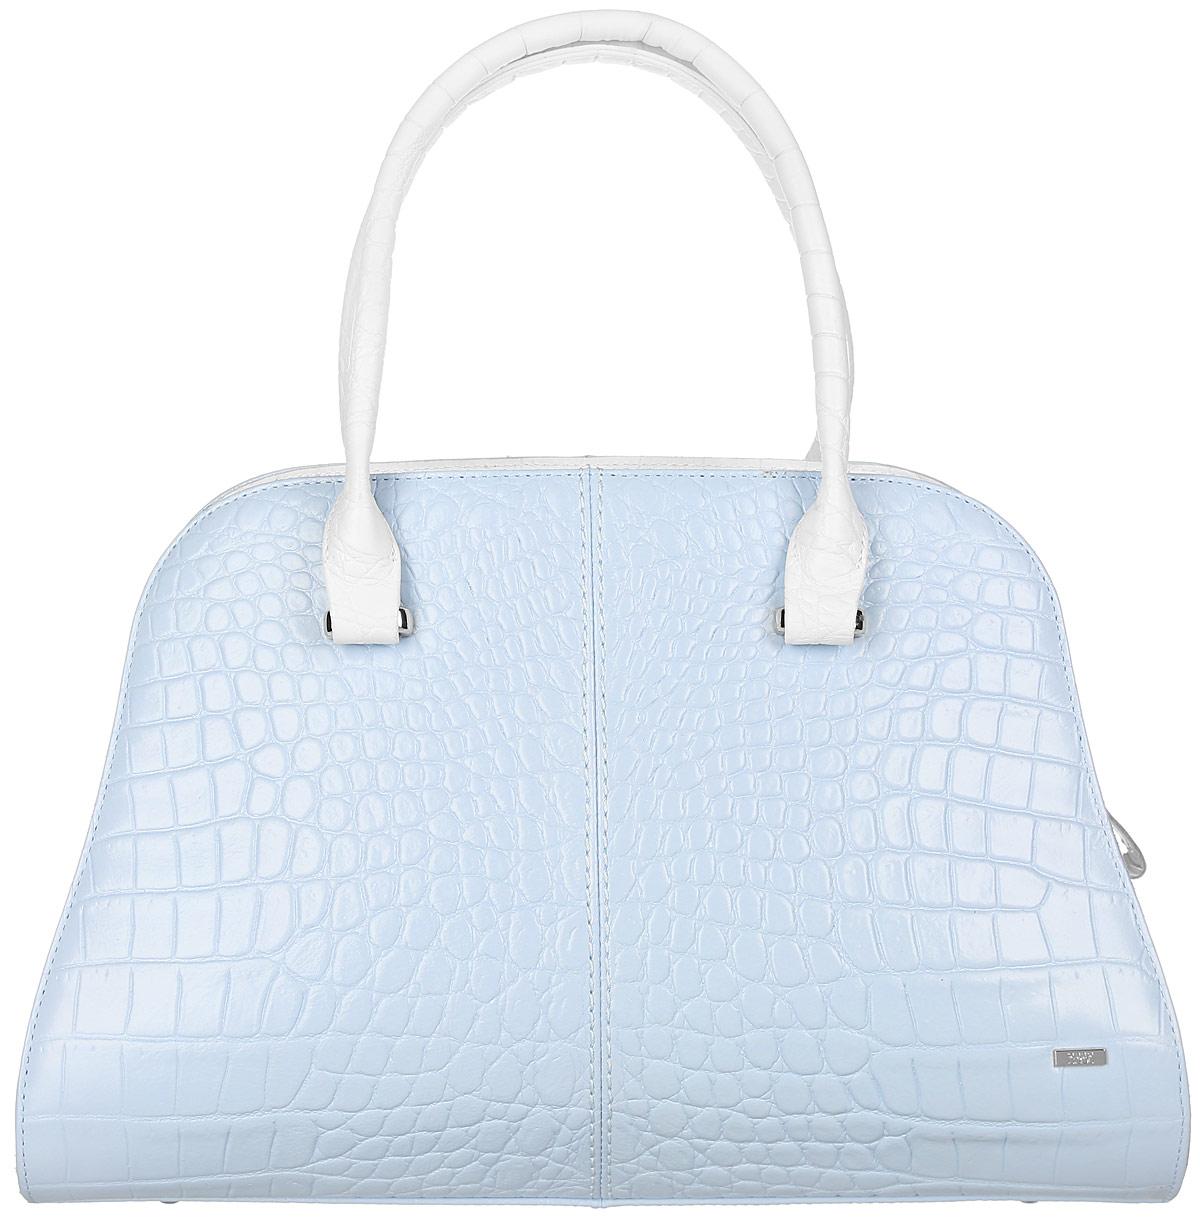 Сумка женская Esse Розали, цвет: голубой, белый. GRSL5U-00ML09-FF809O-K100GRSL5U-00ML09-FF809O-K100Модная женская сумка Esse Розали имеет жесткую конструкцию, изготовлена из натуральной кожи, оформлена тиснением под кожу крокодила и металлическим значком логотипа бренда. Модель создана для женщин, ценящих оригинальный дизайн в сочетании с функциональностью и комфортом. Сумка состоит из одного отделения и закрывается на застежку-молнию. Отделение содержит нашивной карман для телефона и мелочей, а также врезной карман на молнии. На задней стенке врезной карман на молнии. Сумка оснащена двумя удобными ручками для переноски в руке или на запястье, а также съемным плечевым ремнем, регулируемой длины. Дно сумки дополнено металлическими ножками, которые защищают изделие от повреждений. Прилагается текстильный фирменный чехол для хранения. Оригинальный аксессуар позволит вам завершить образ и быть неотразимой.